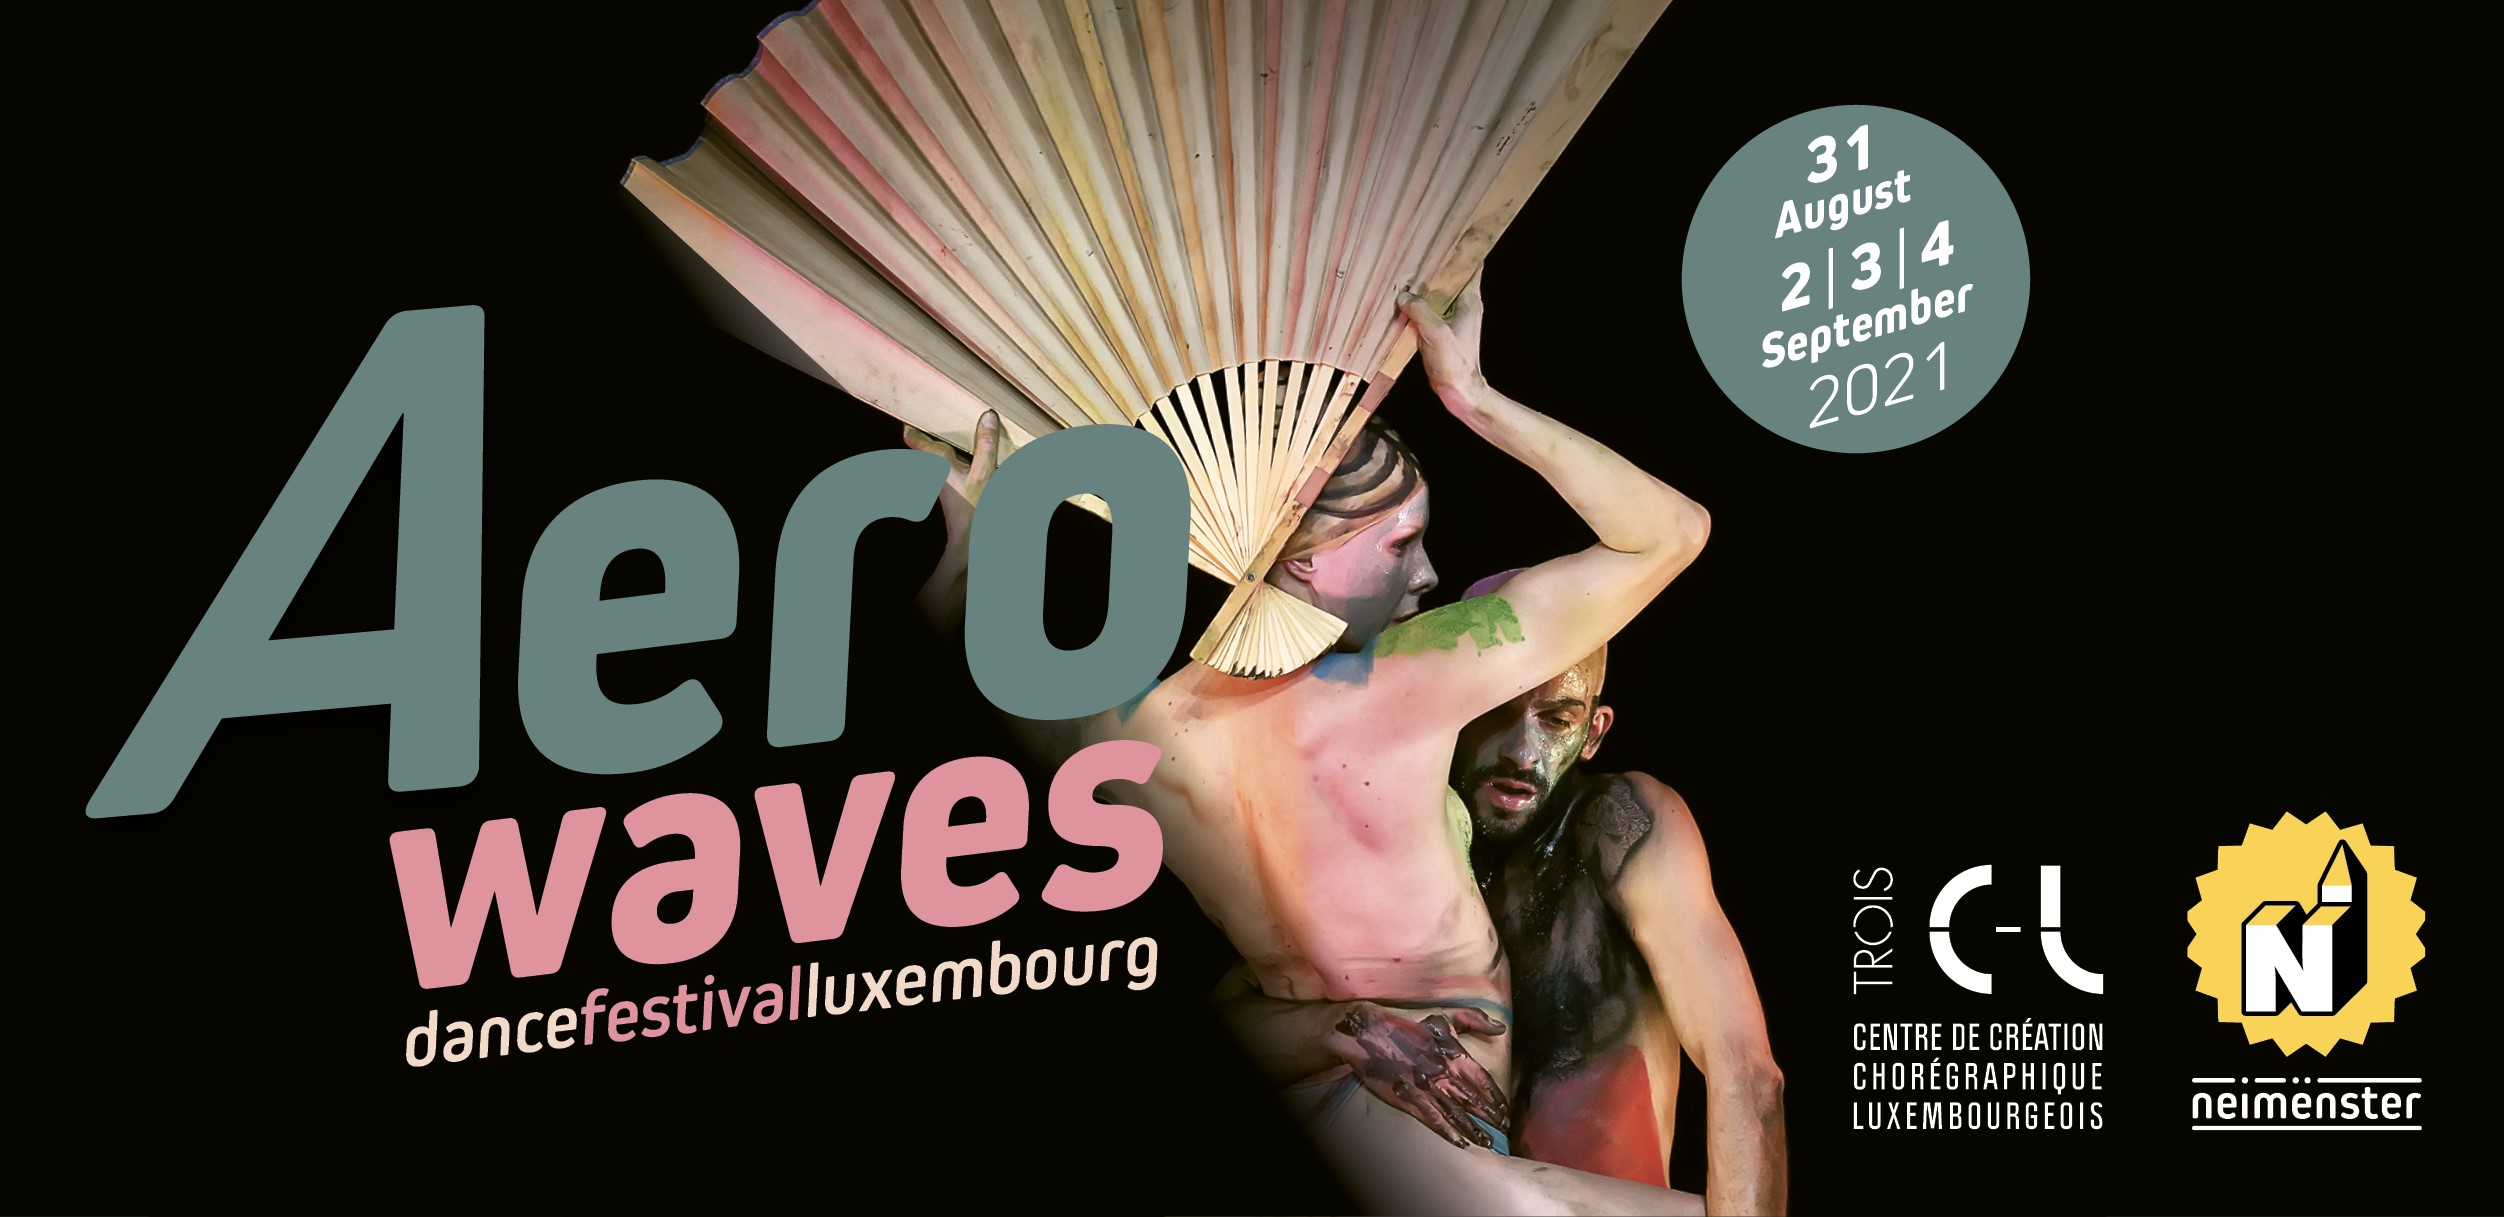 Aerowaves Dance Festival Luxembourg, un bilan positif pour la scène luxembourgeoise.